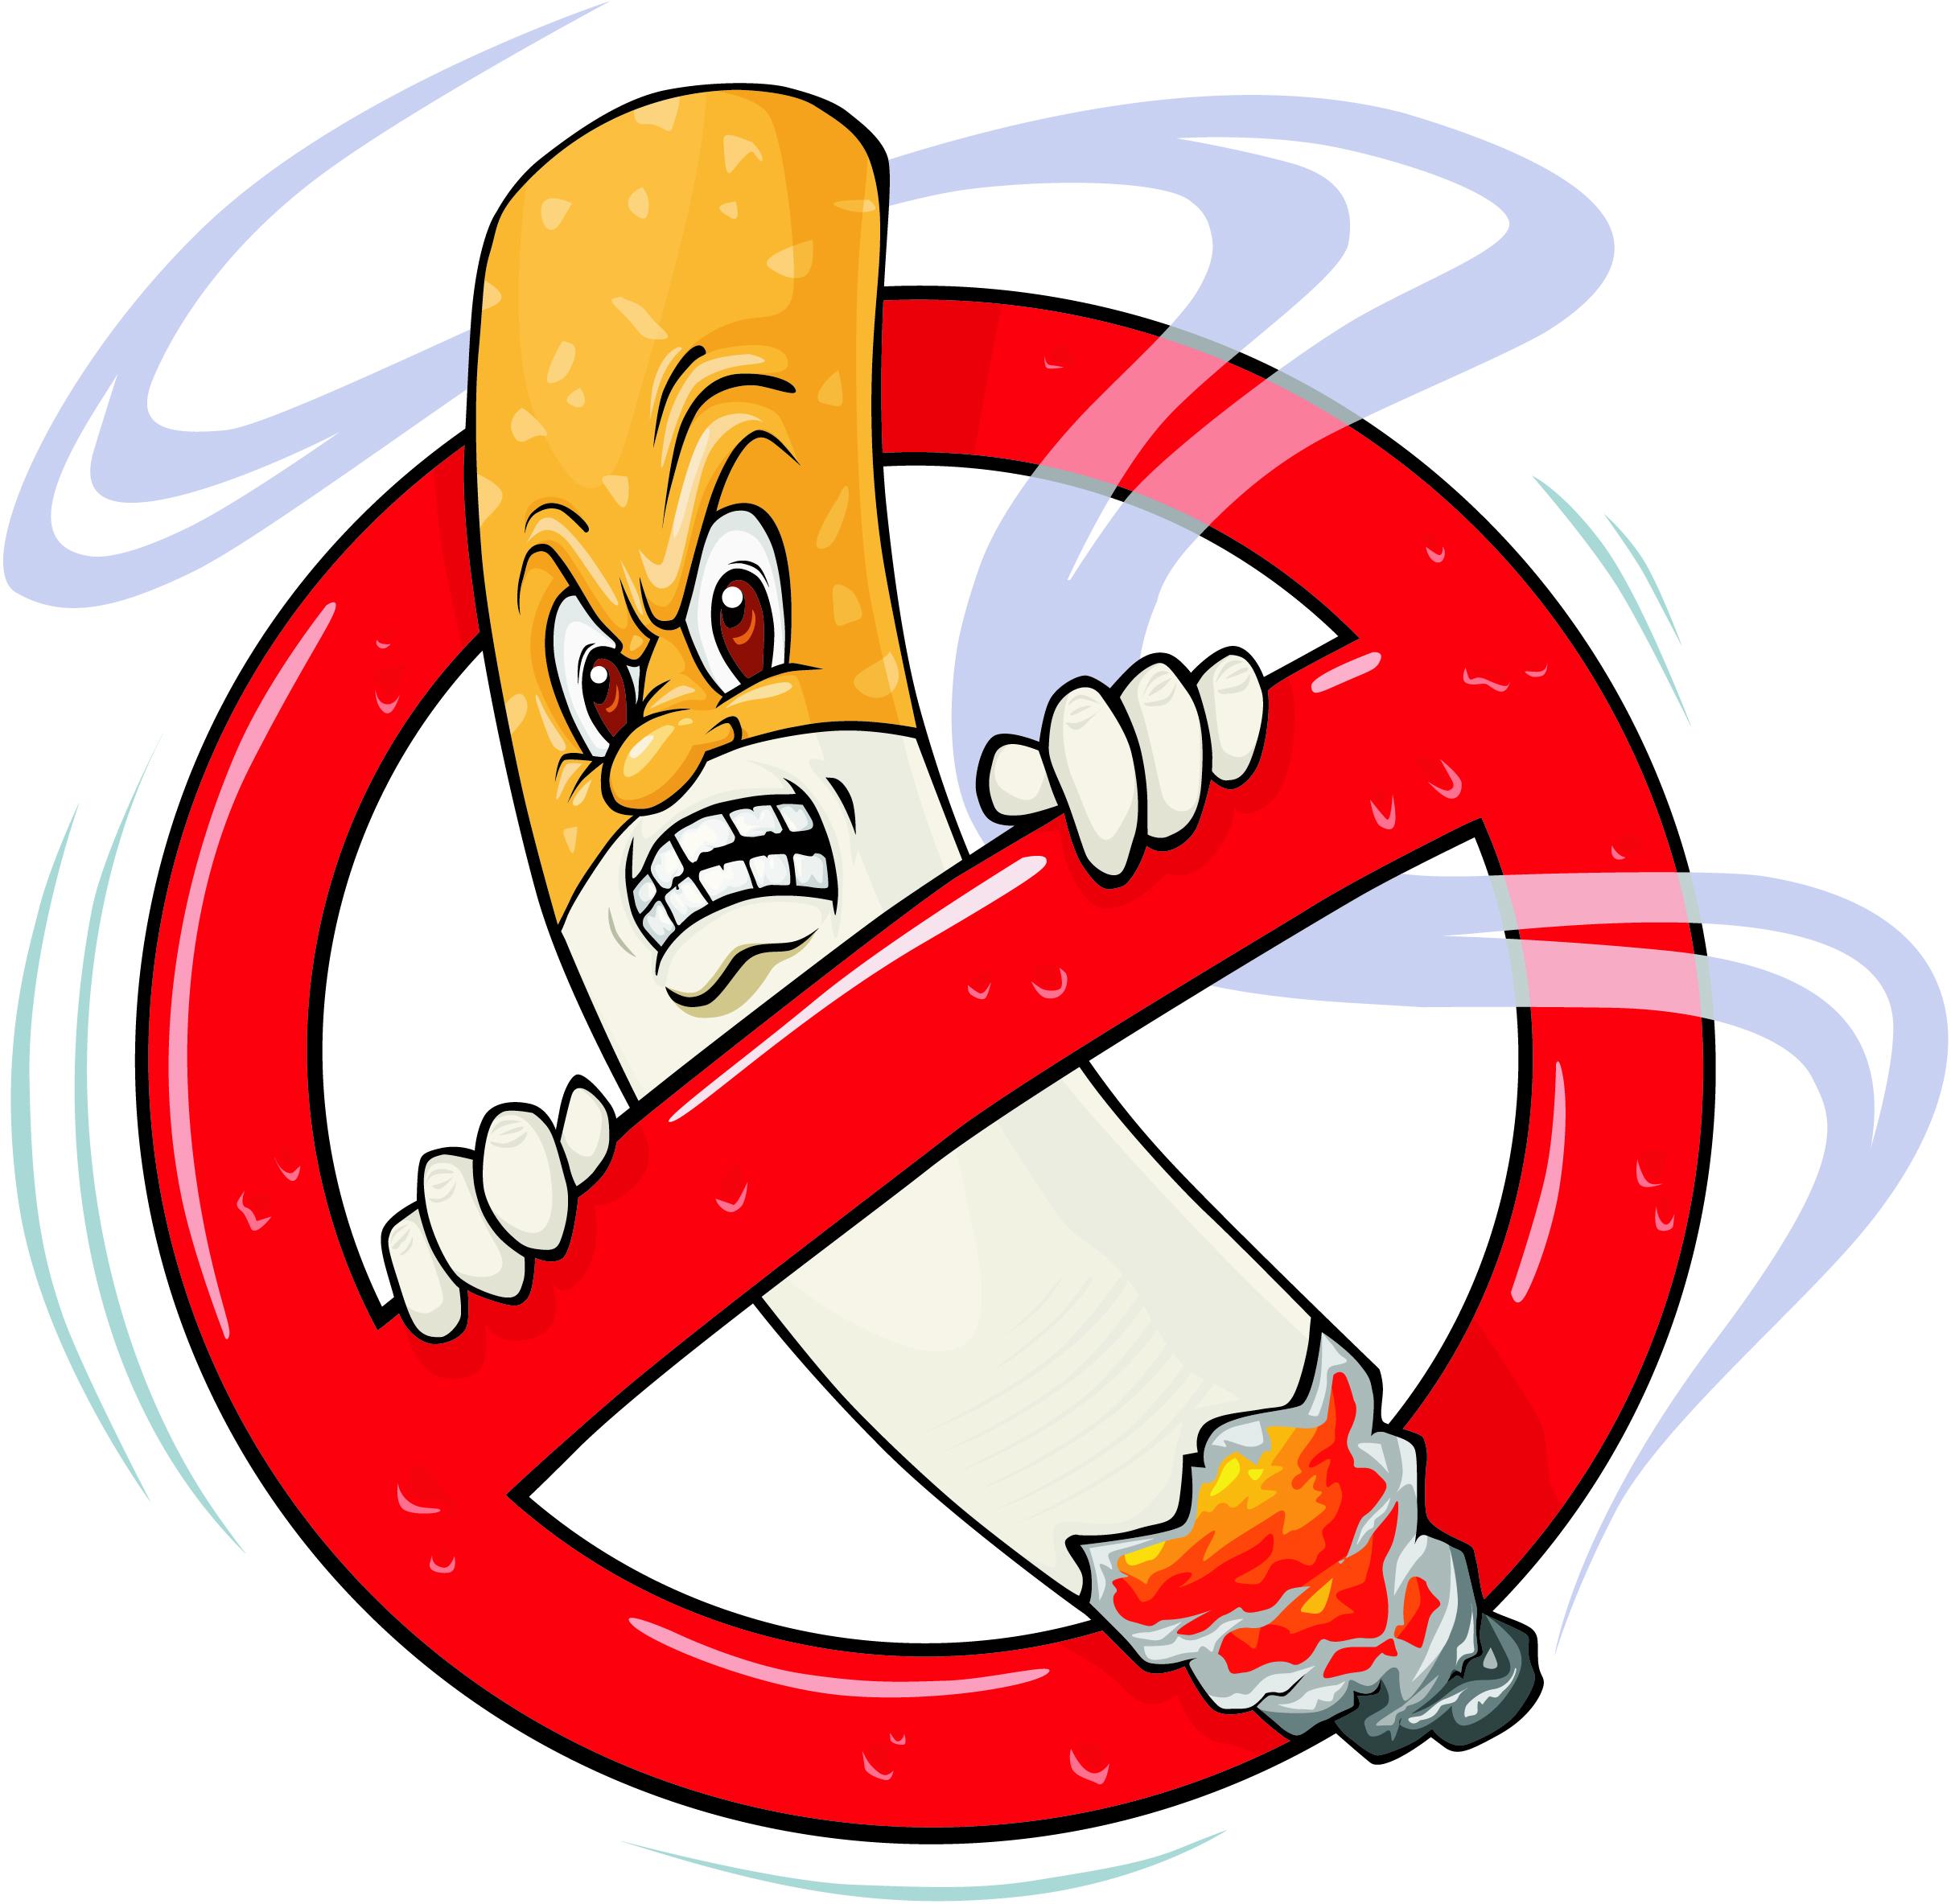 почему нельзя курить при эко отличие белья термоэффектом